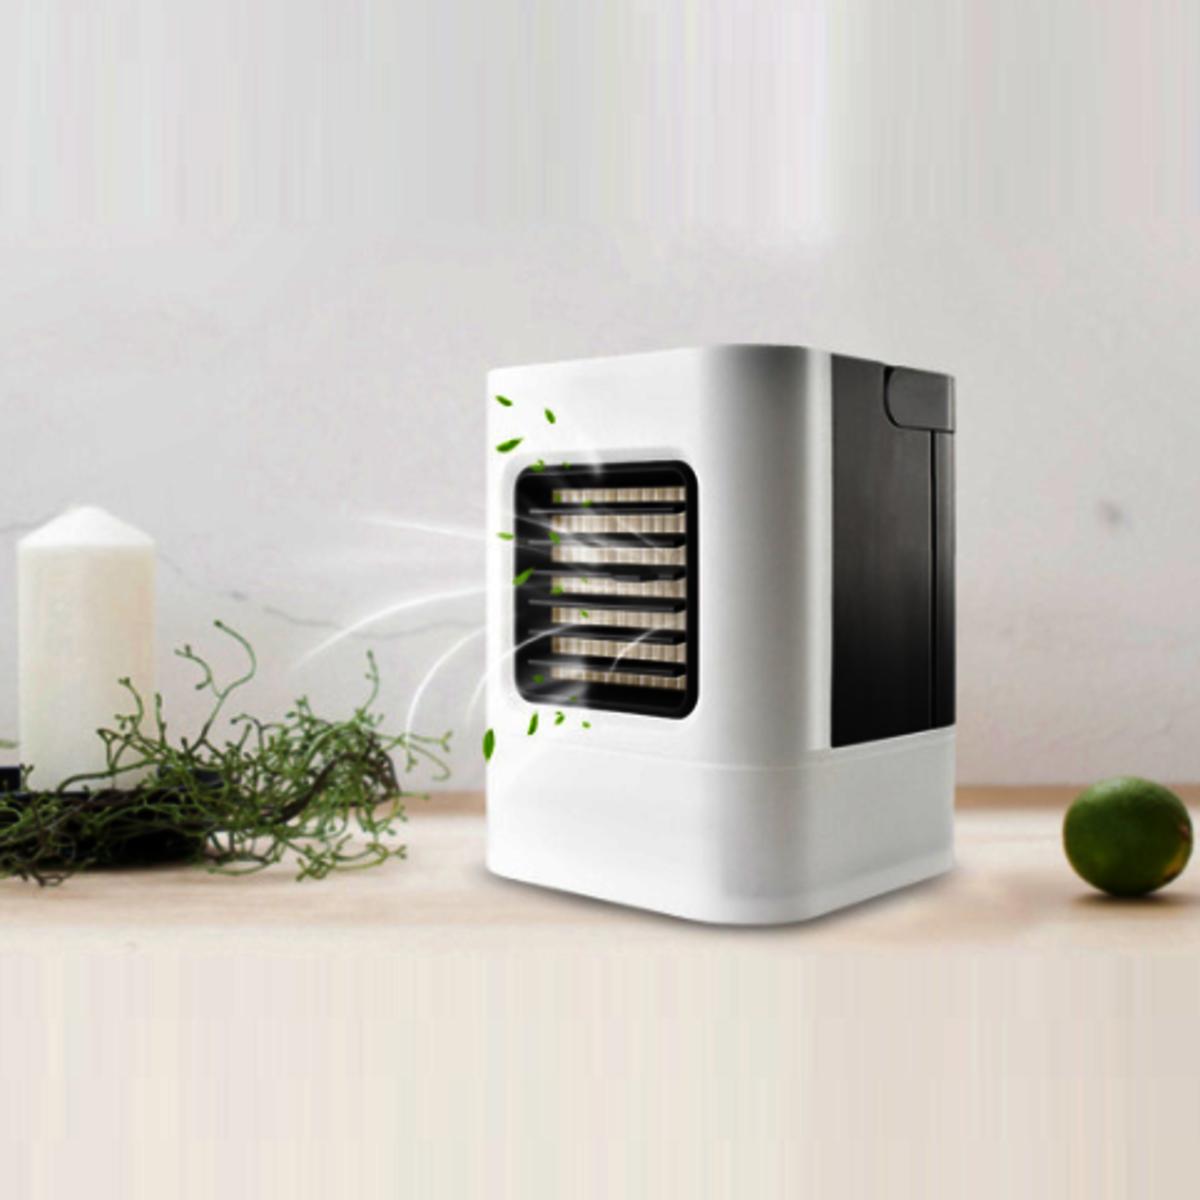 AC-01S IDI Plus+ mini air cooler